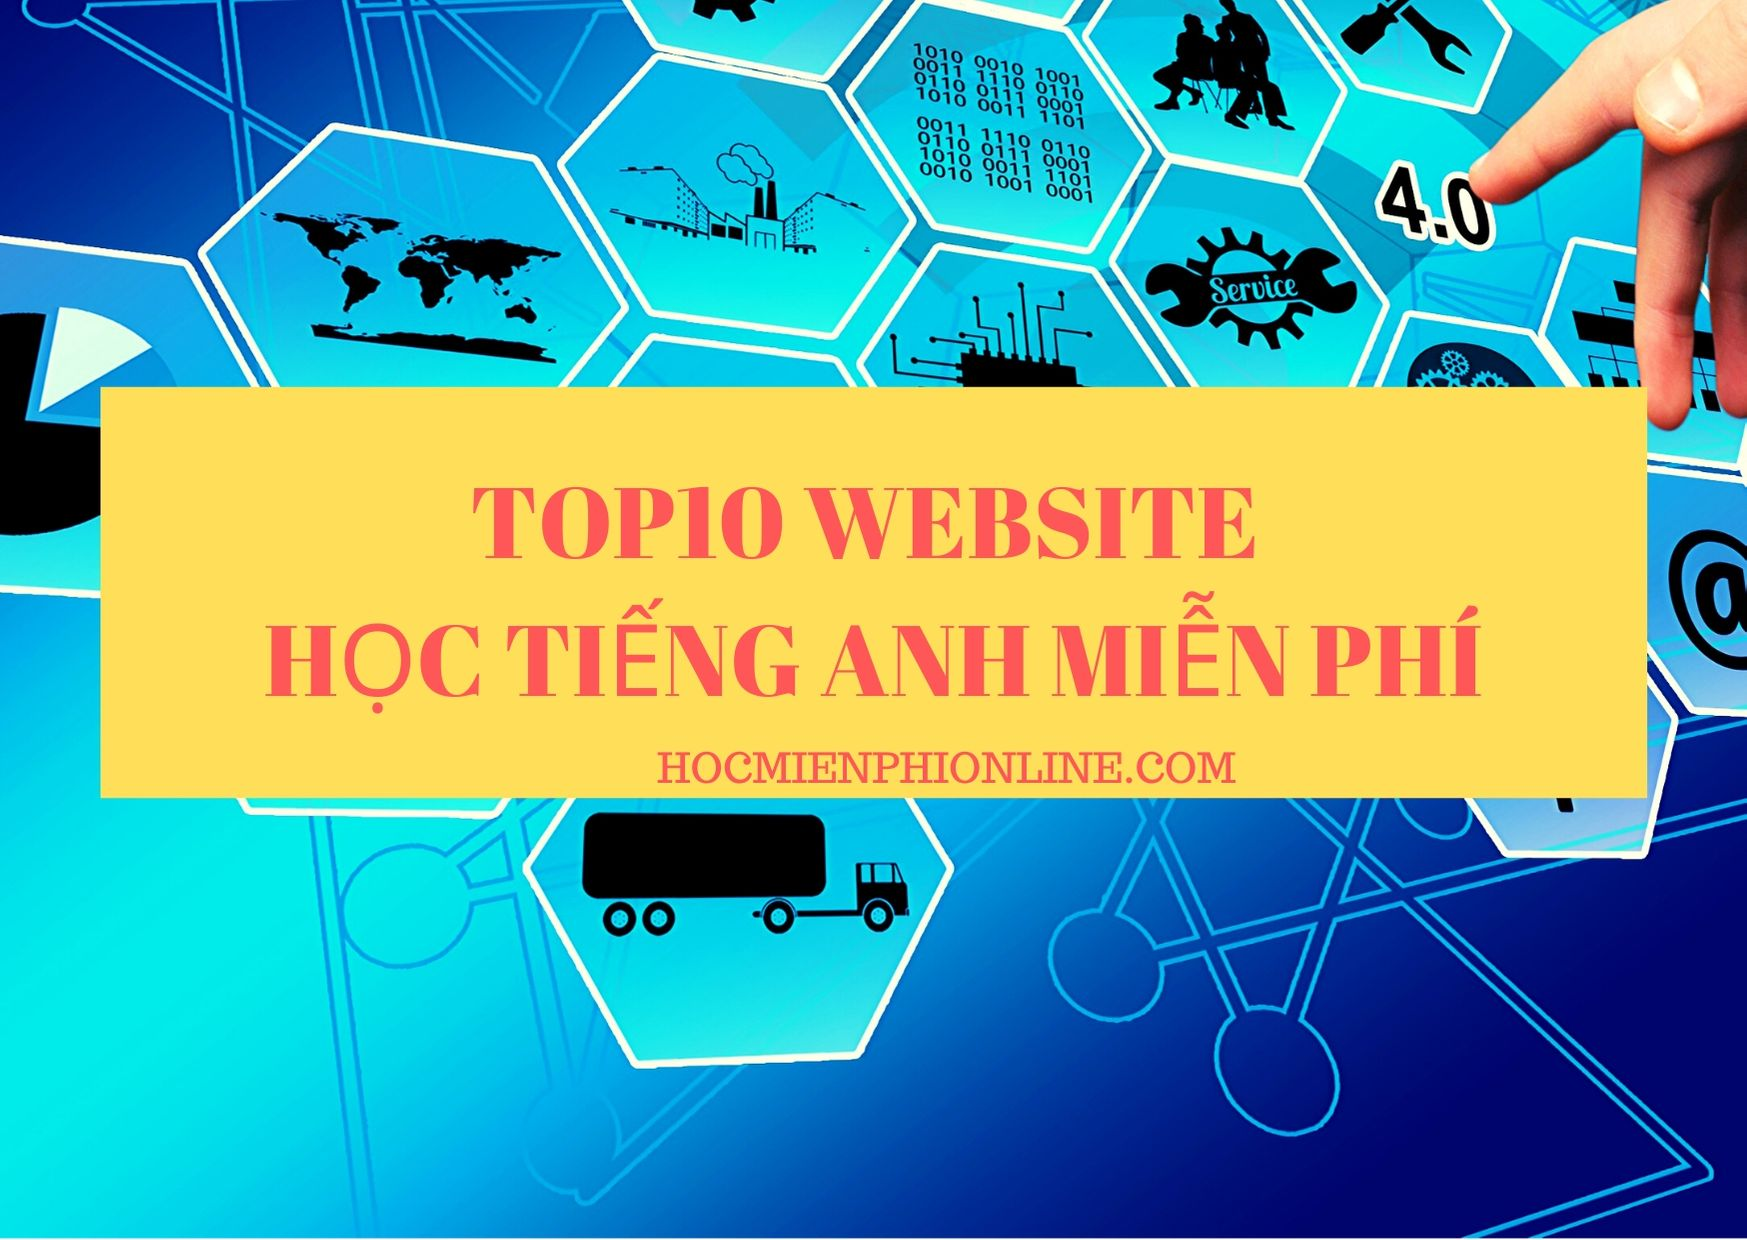 Top 10 website học tiếng Anh miễn phí tốt nhất 9